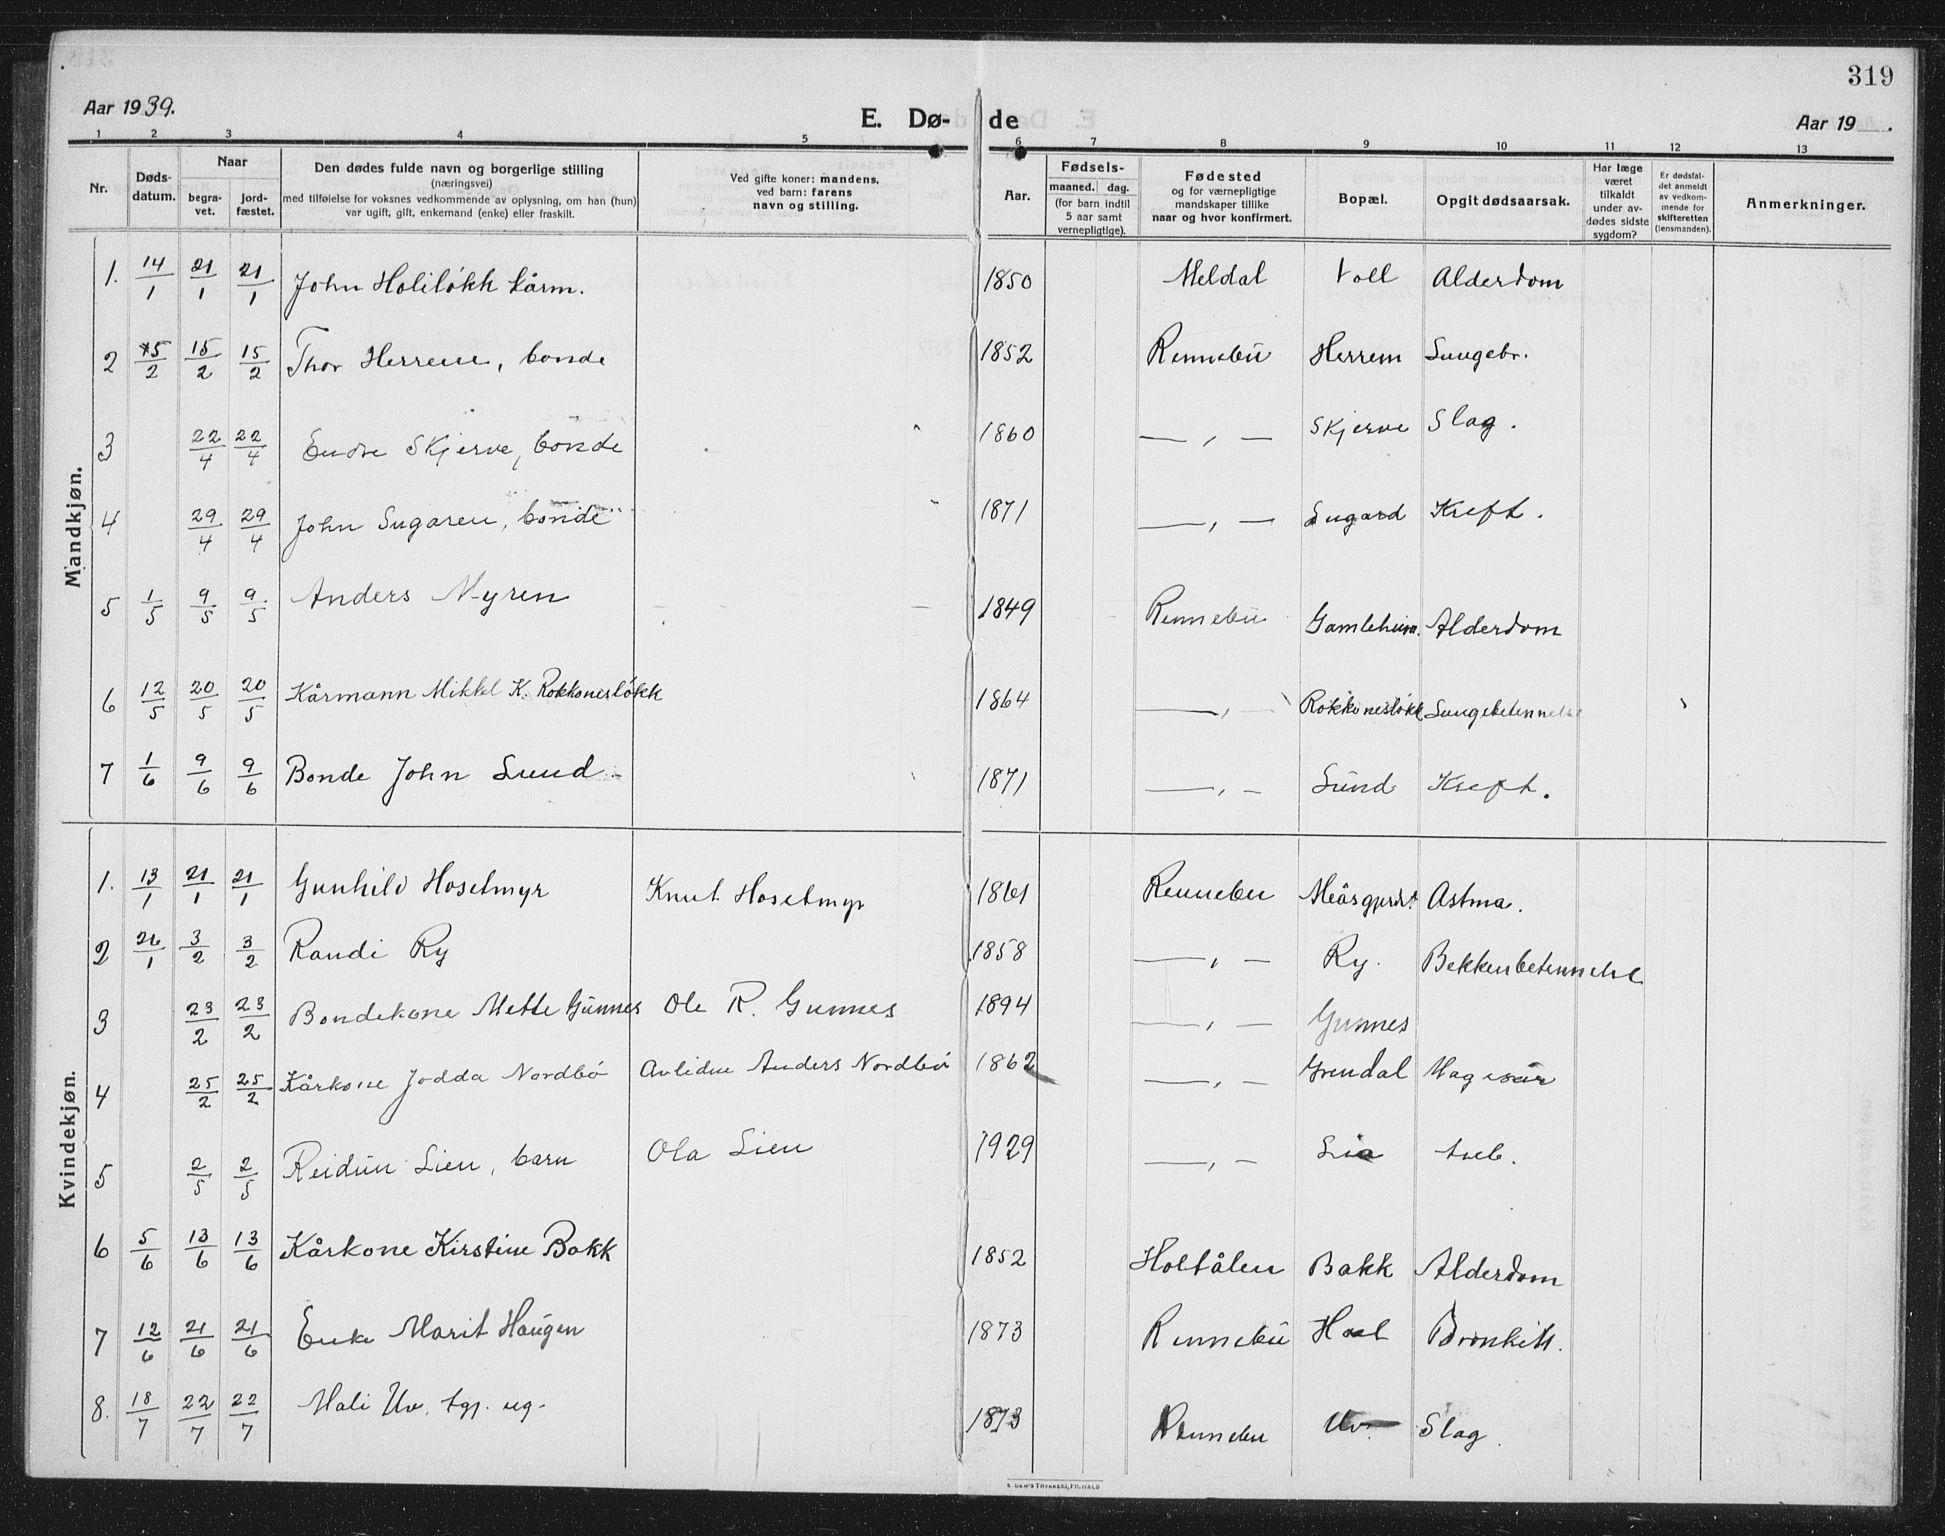 SAT, Ministerialprotokoller, klokkerbøker og fødselsregistre - Sør-Trøndelag, 674/L0877: Klokkerbok nr. 674C04, 1913-1940, s. 319